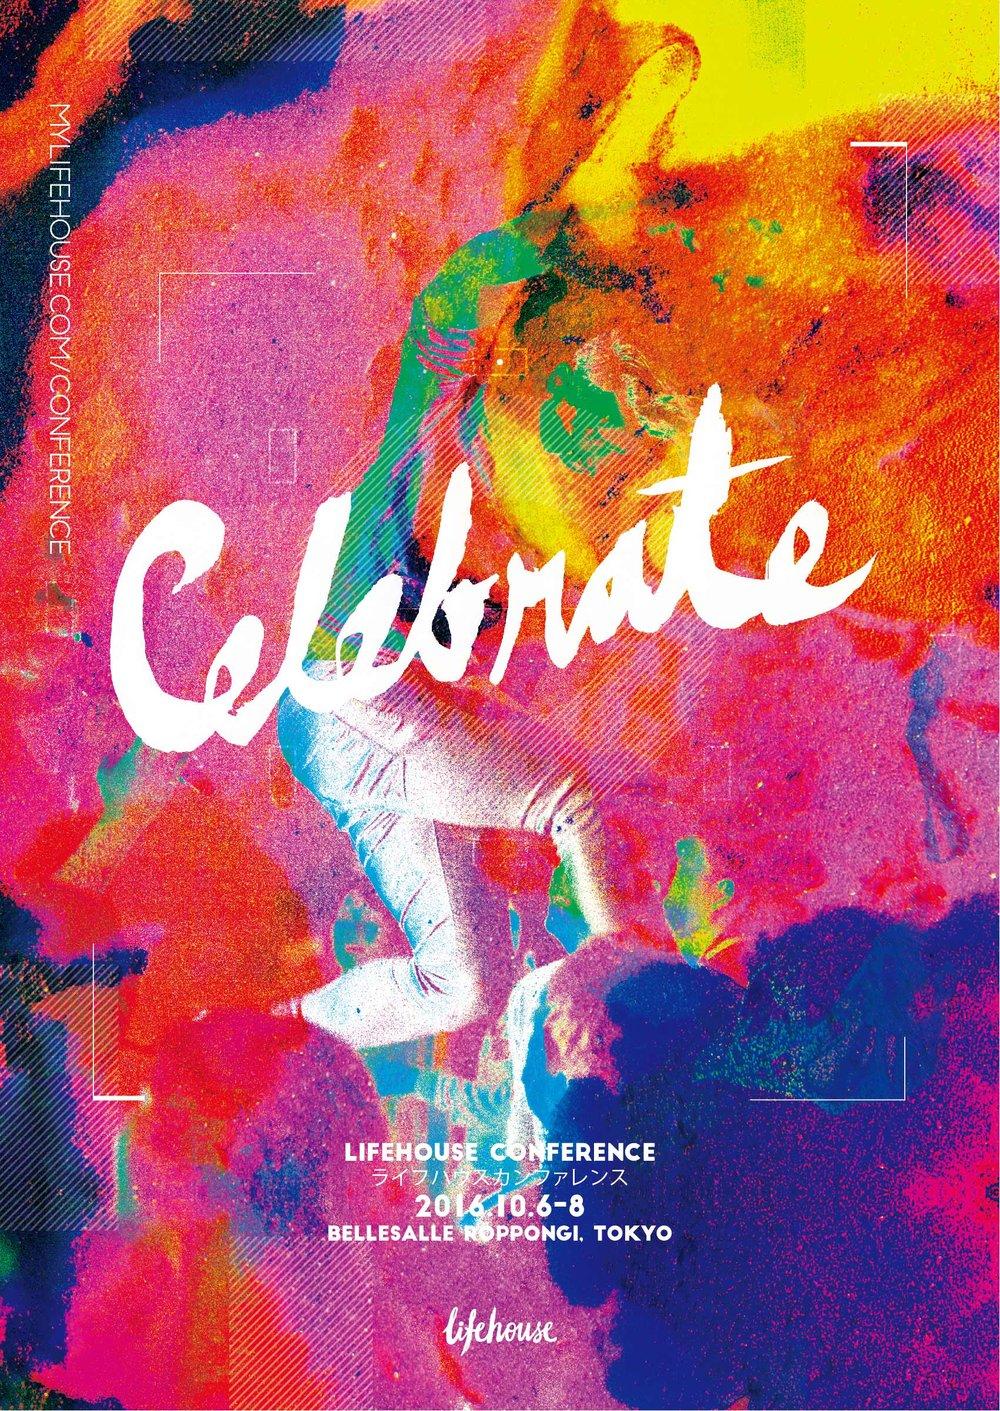 003_Por_Celebrate_Poster.jpg